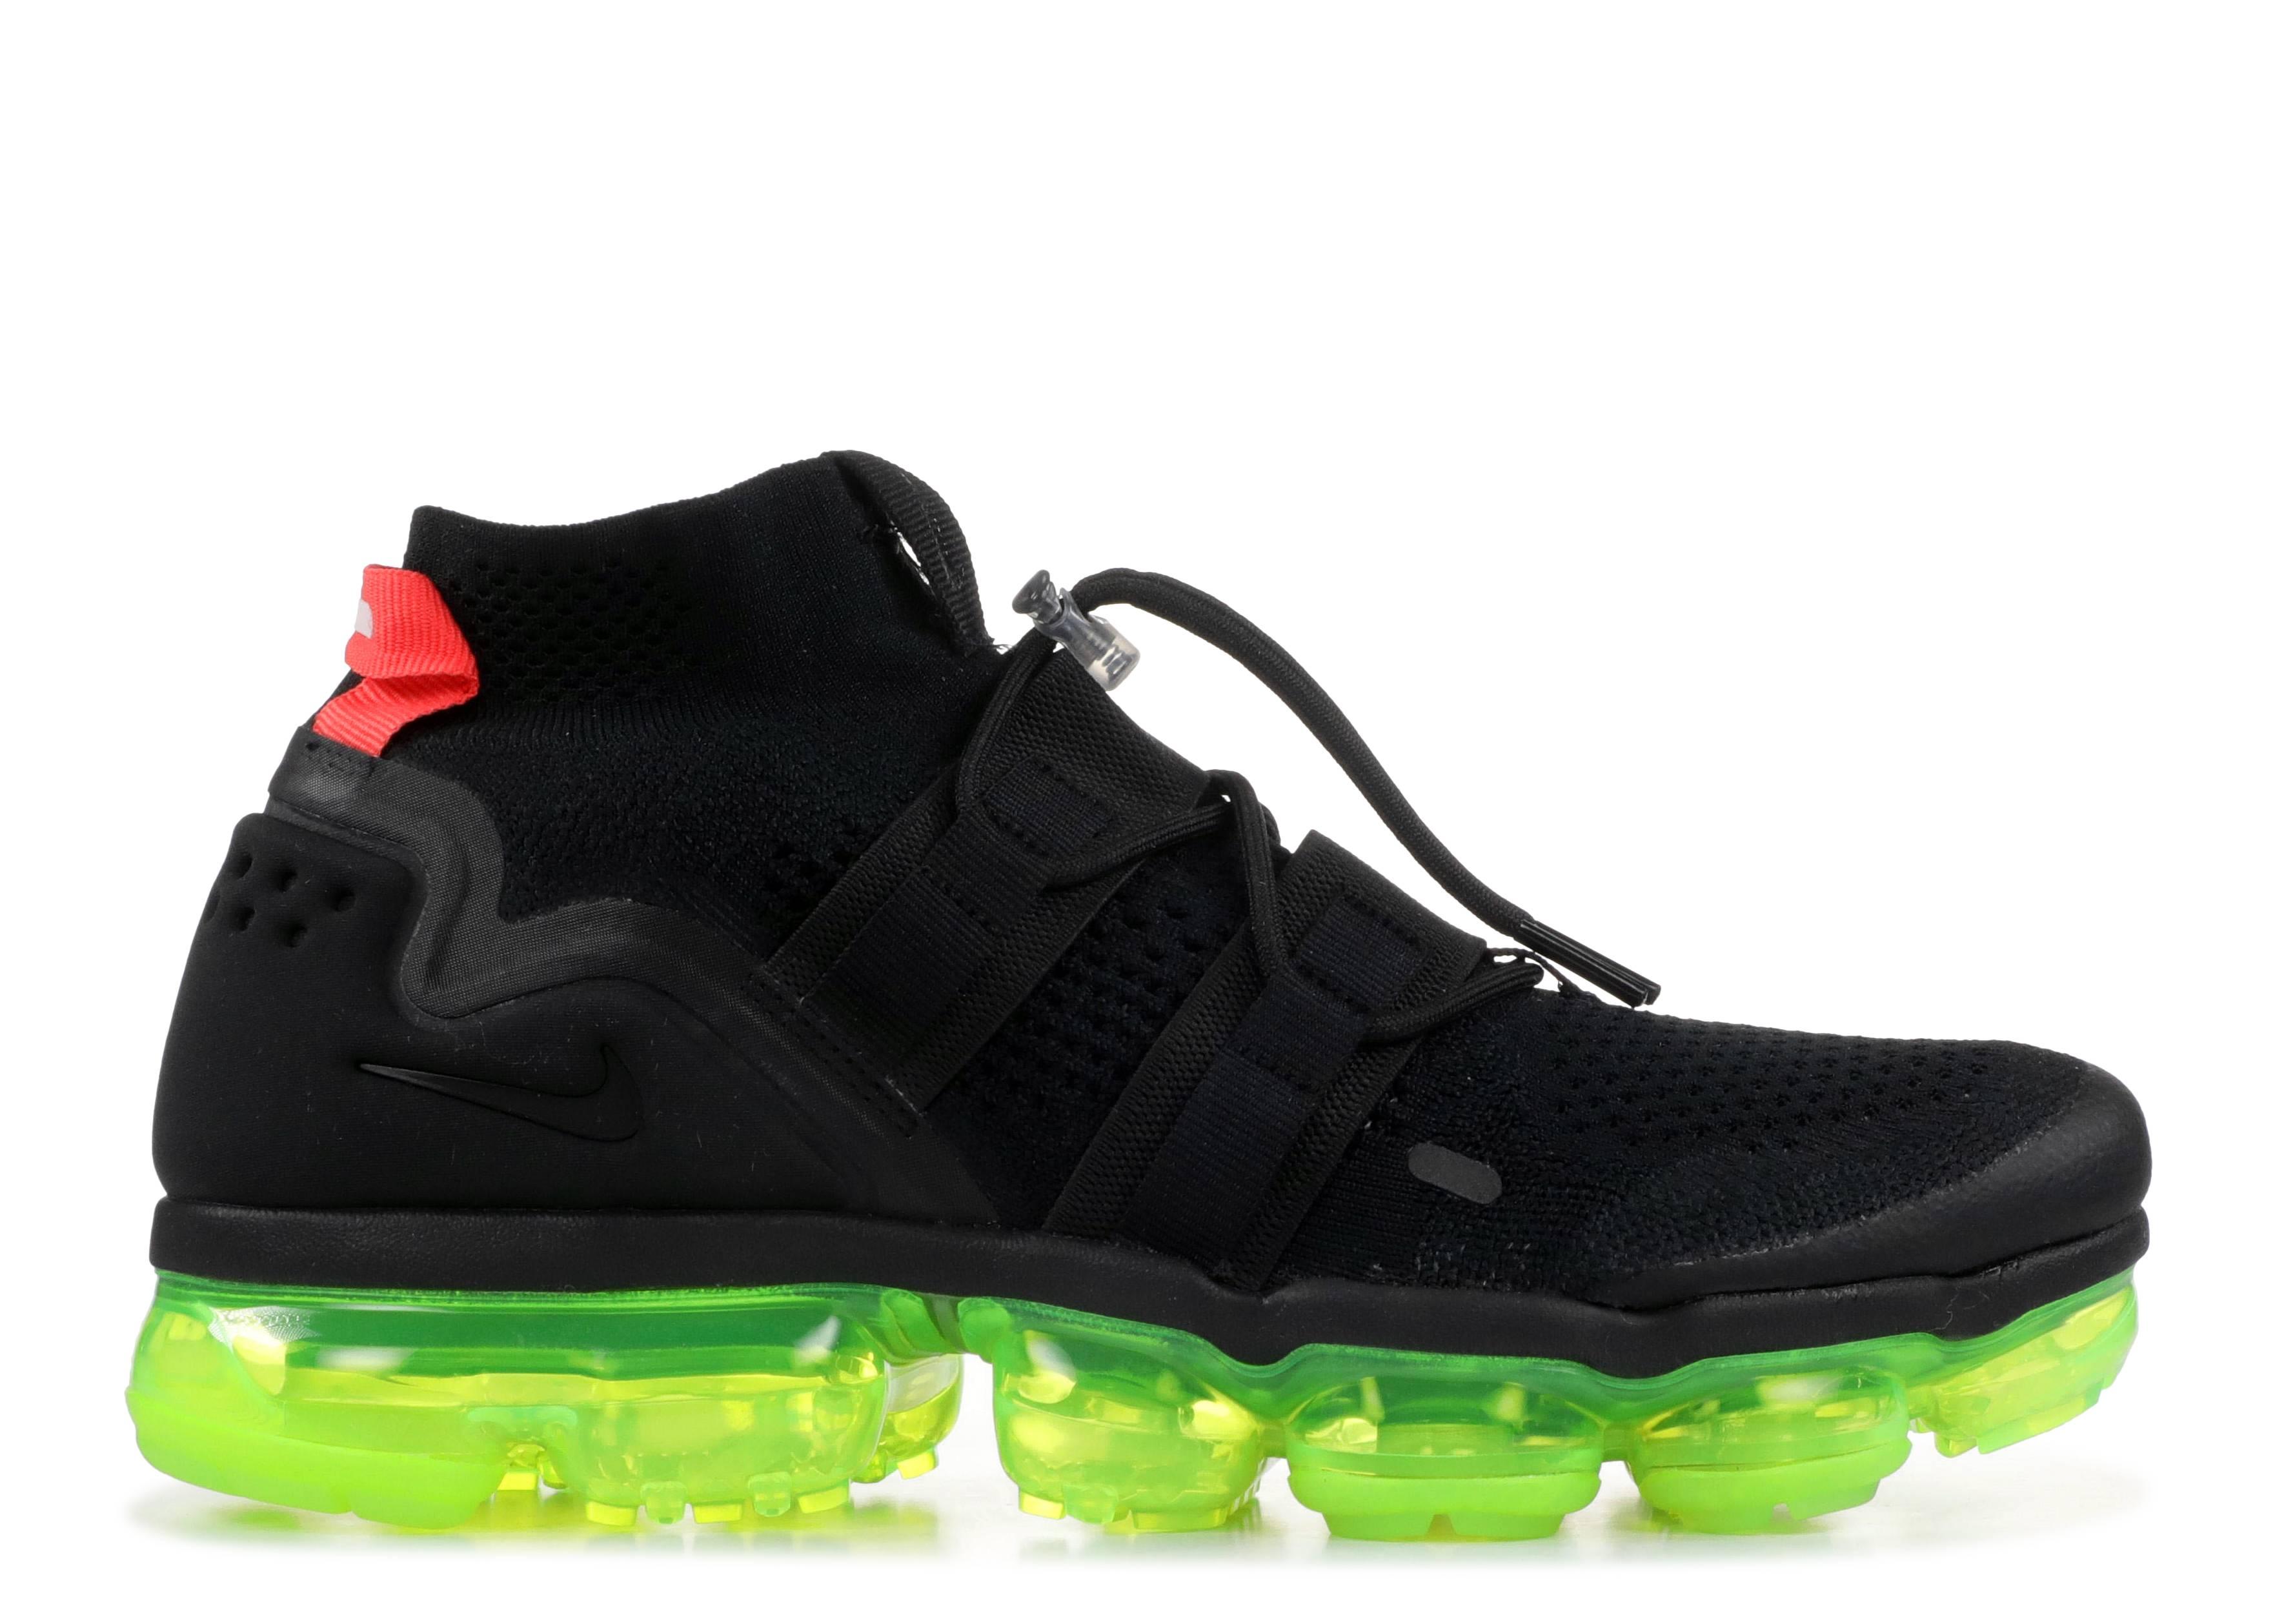 5c218e031c Nike Air Vapormax Fk Utility - Nike - ah6834 007 - black/black-volt ...